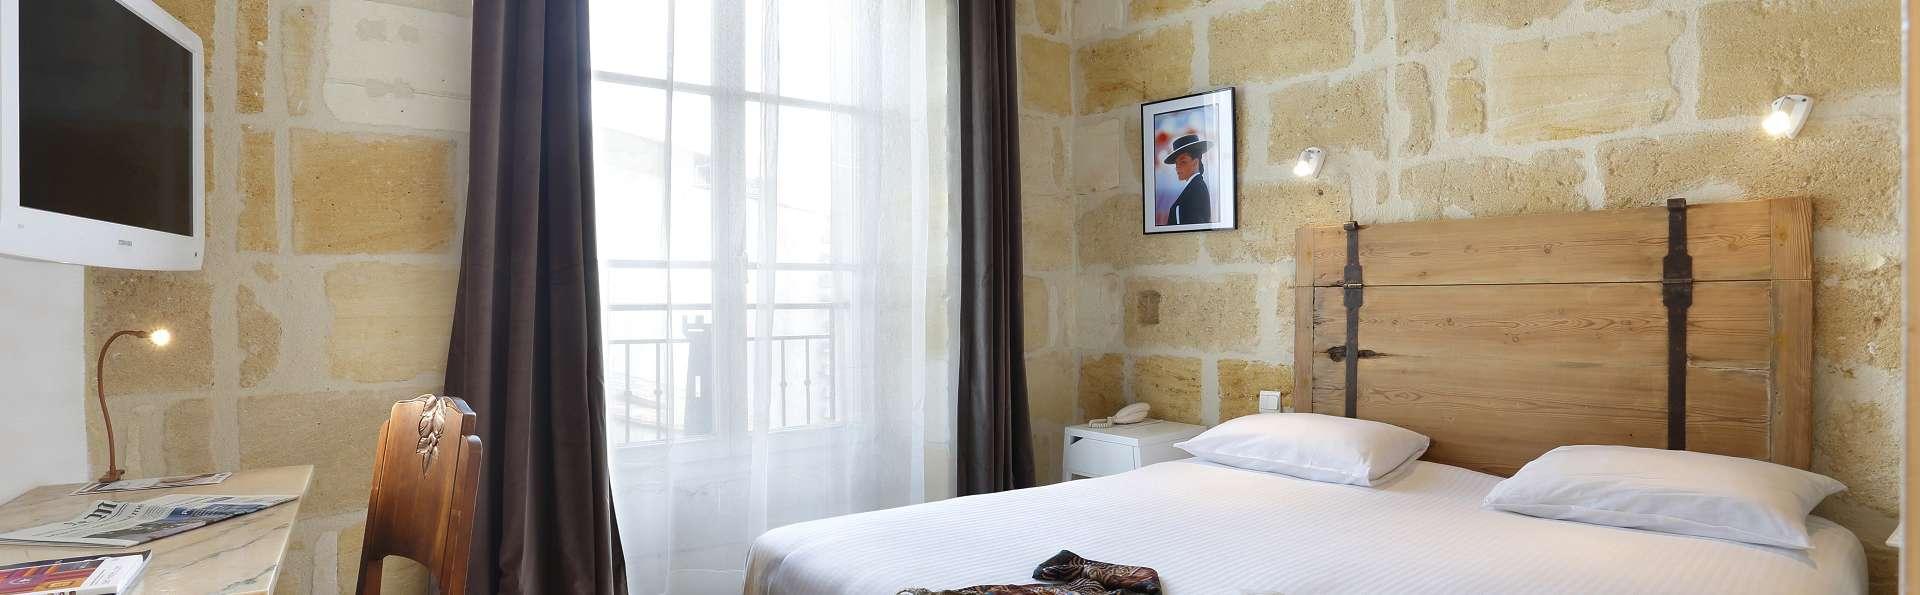 The Originals Boutique, Hôtel La Tour Intendance, Bordeaux (Qualys-Hotel) - chambre_standing.jpg